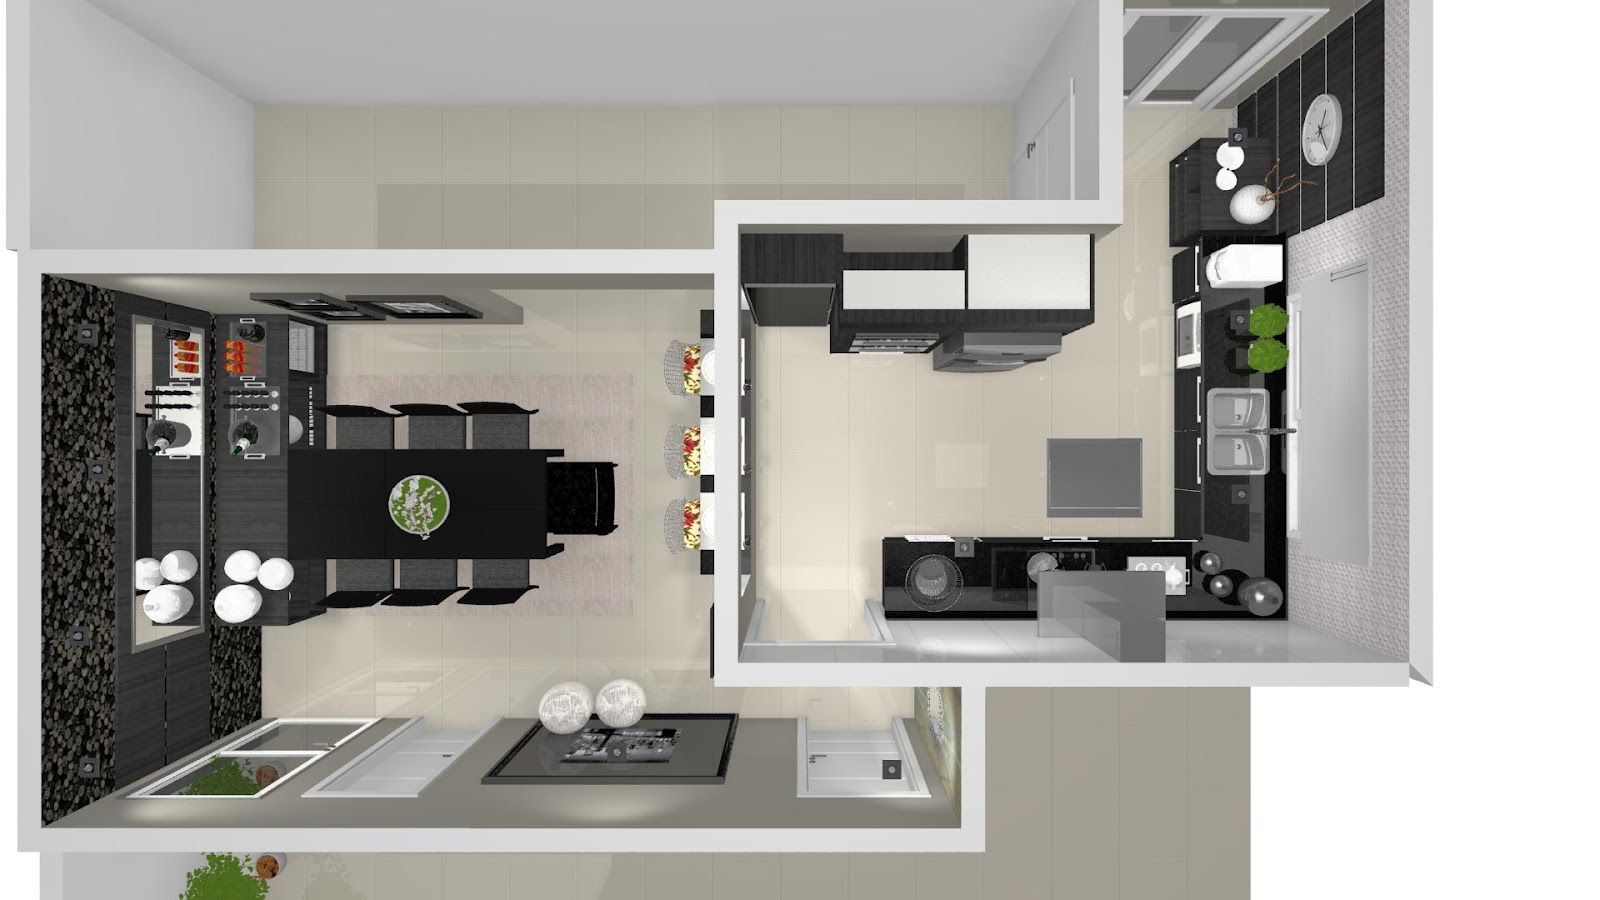 #4D6822 Projeto de sala de jantar e cozinha desenvolvidos com móveis  1600x900 px Projeto Cozinha Sala De Jantar_4381 Imagens